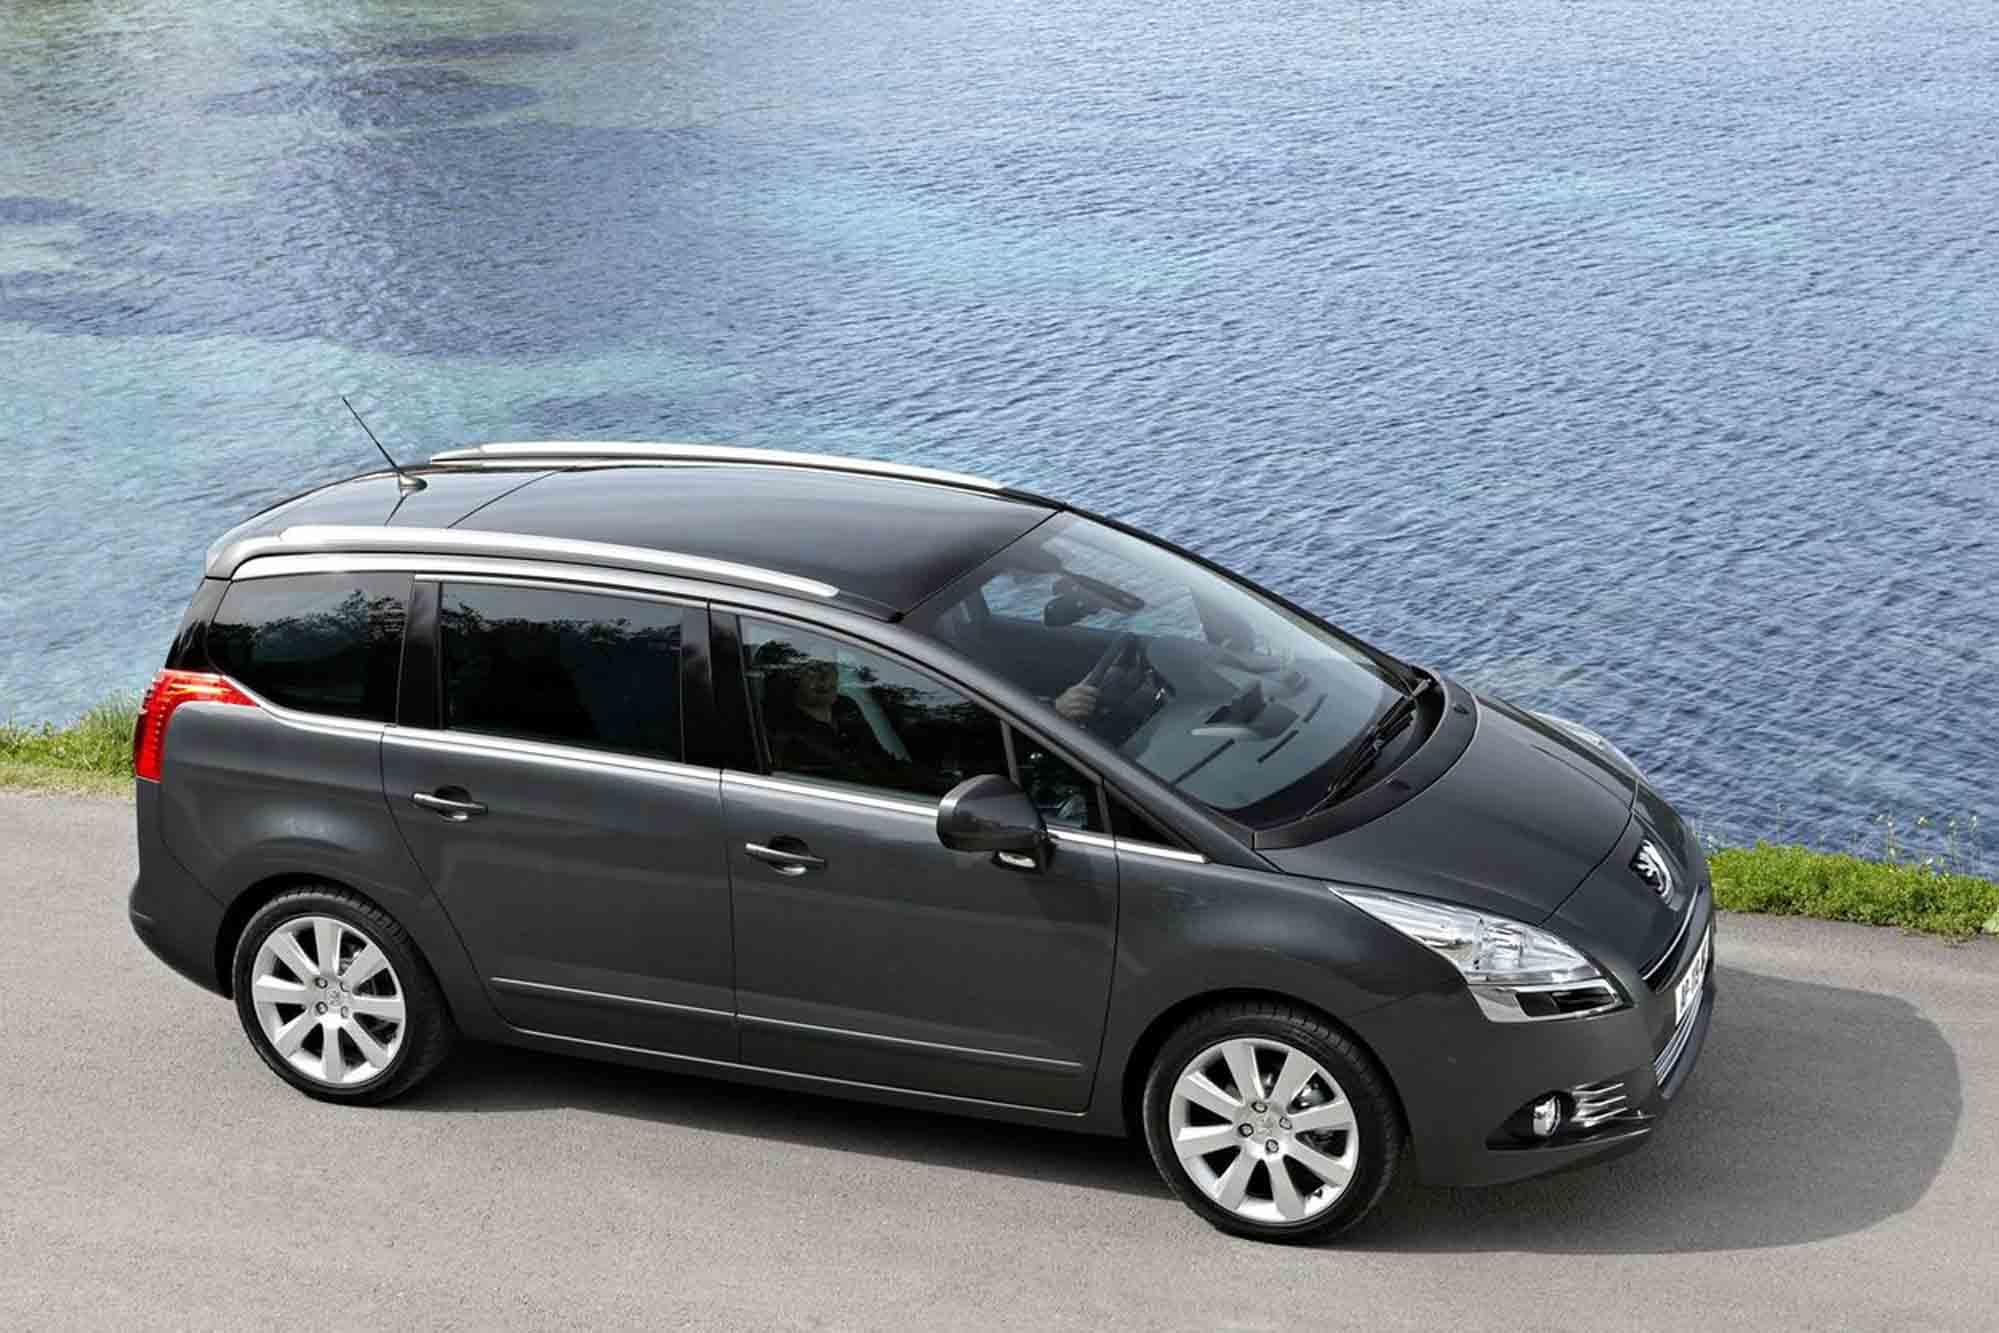 Peugeot_5008_003